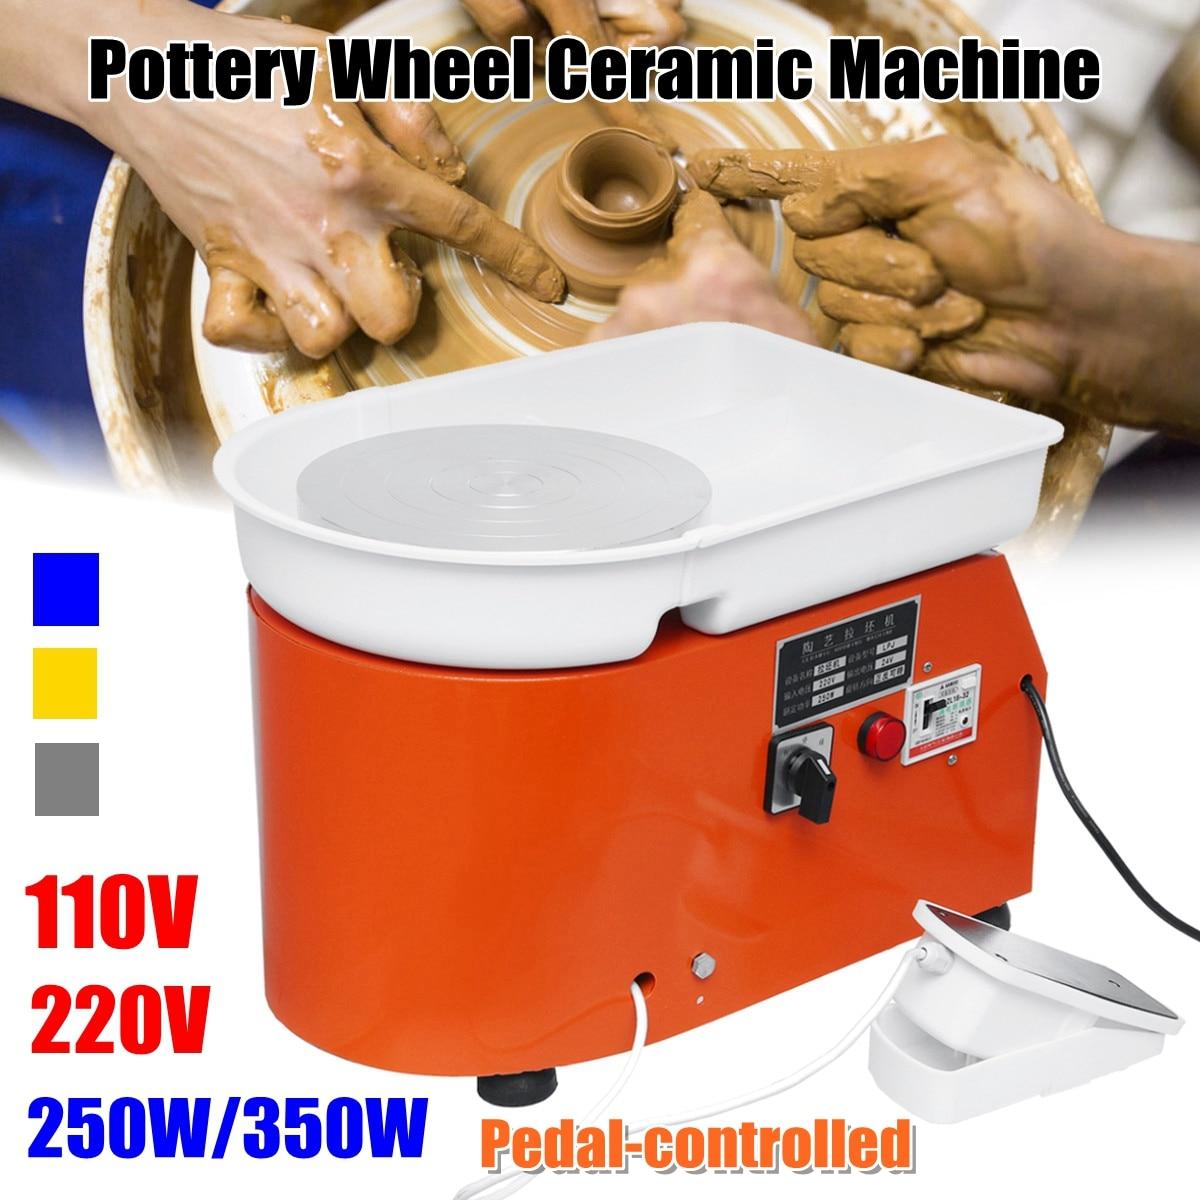 250 w/350 w Elettrico Tour Ruota di Ceramica Macchina di Argilla Ceramica Potter Arte Per La Ceramica di Lavoro 110 v/ 220 v